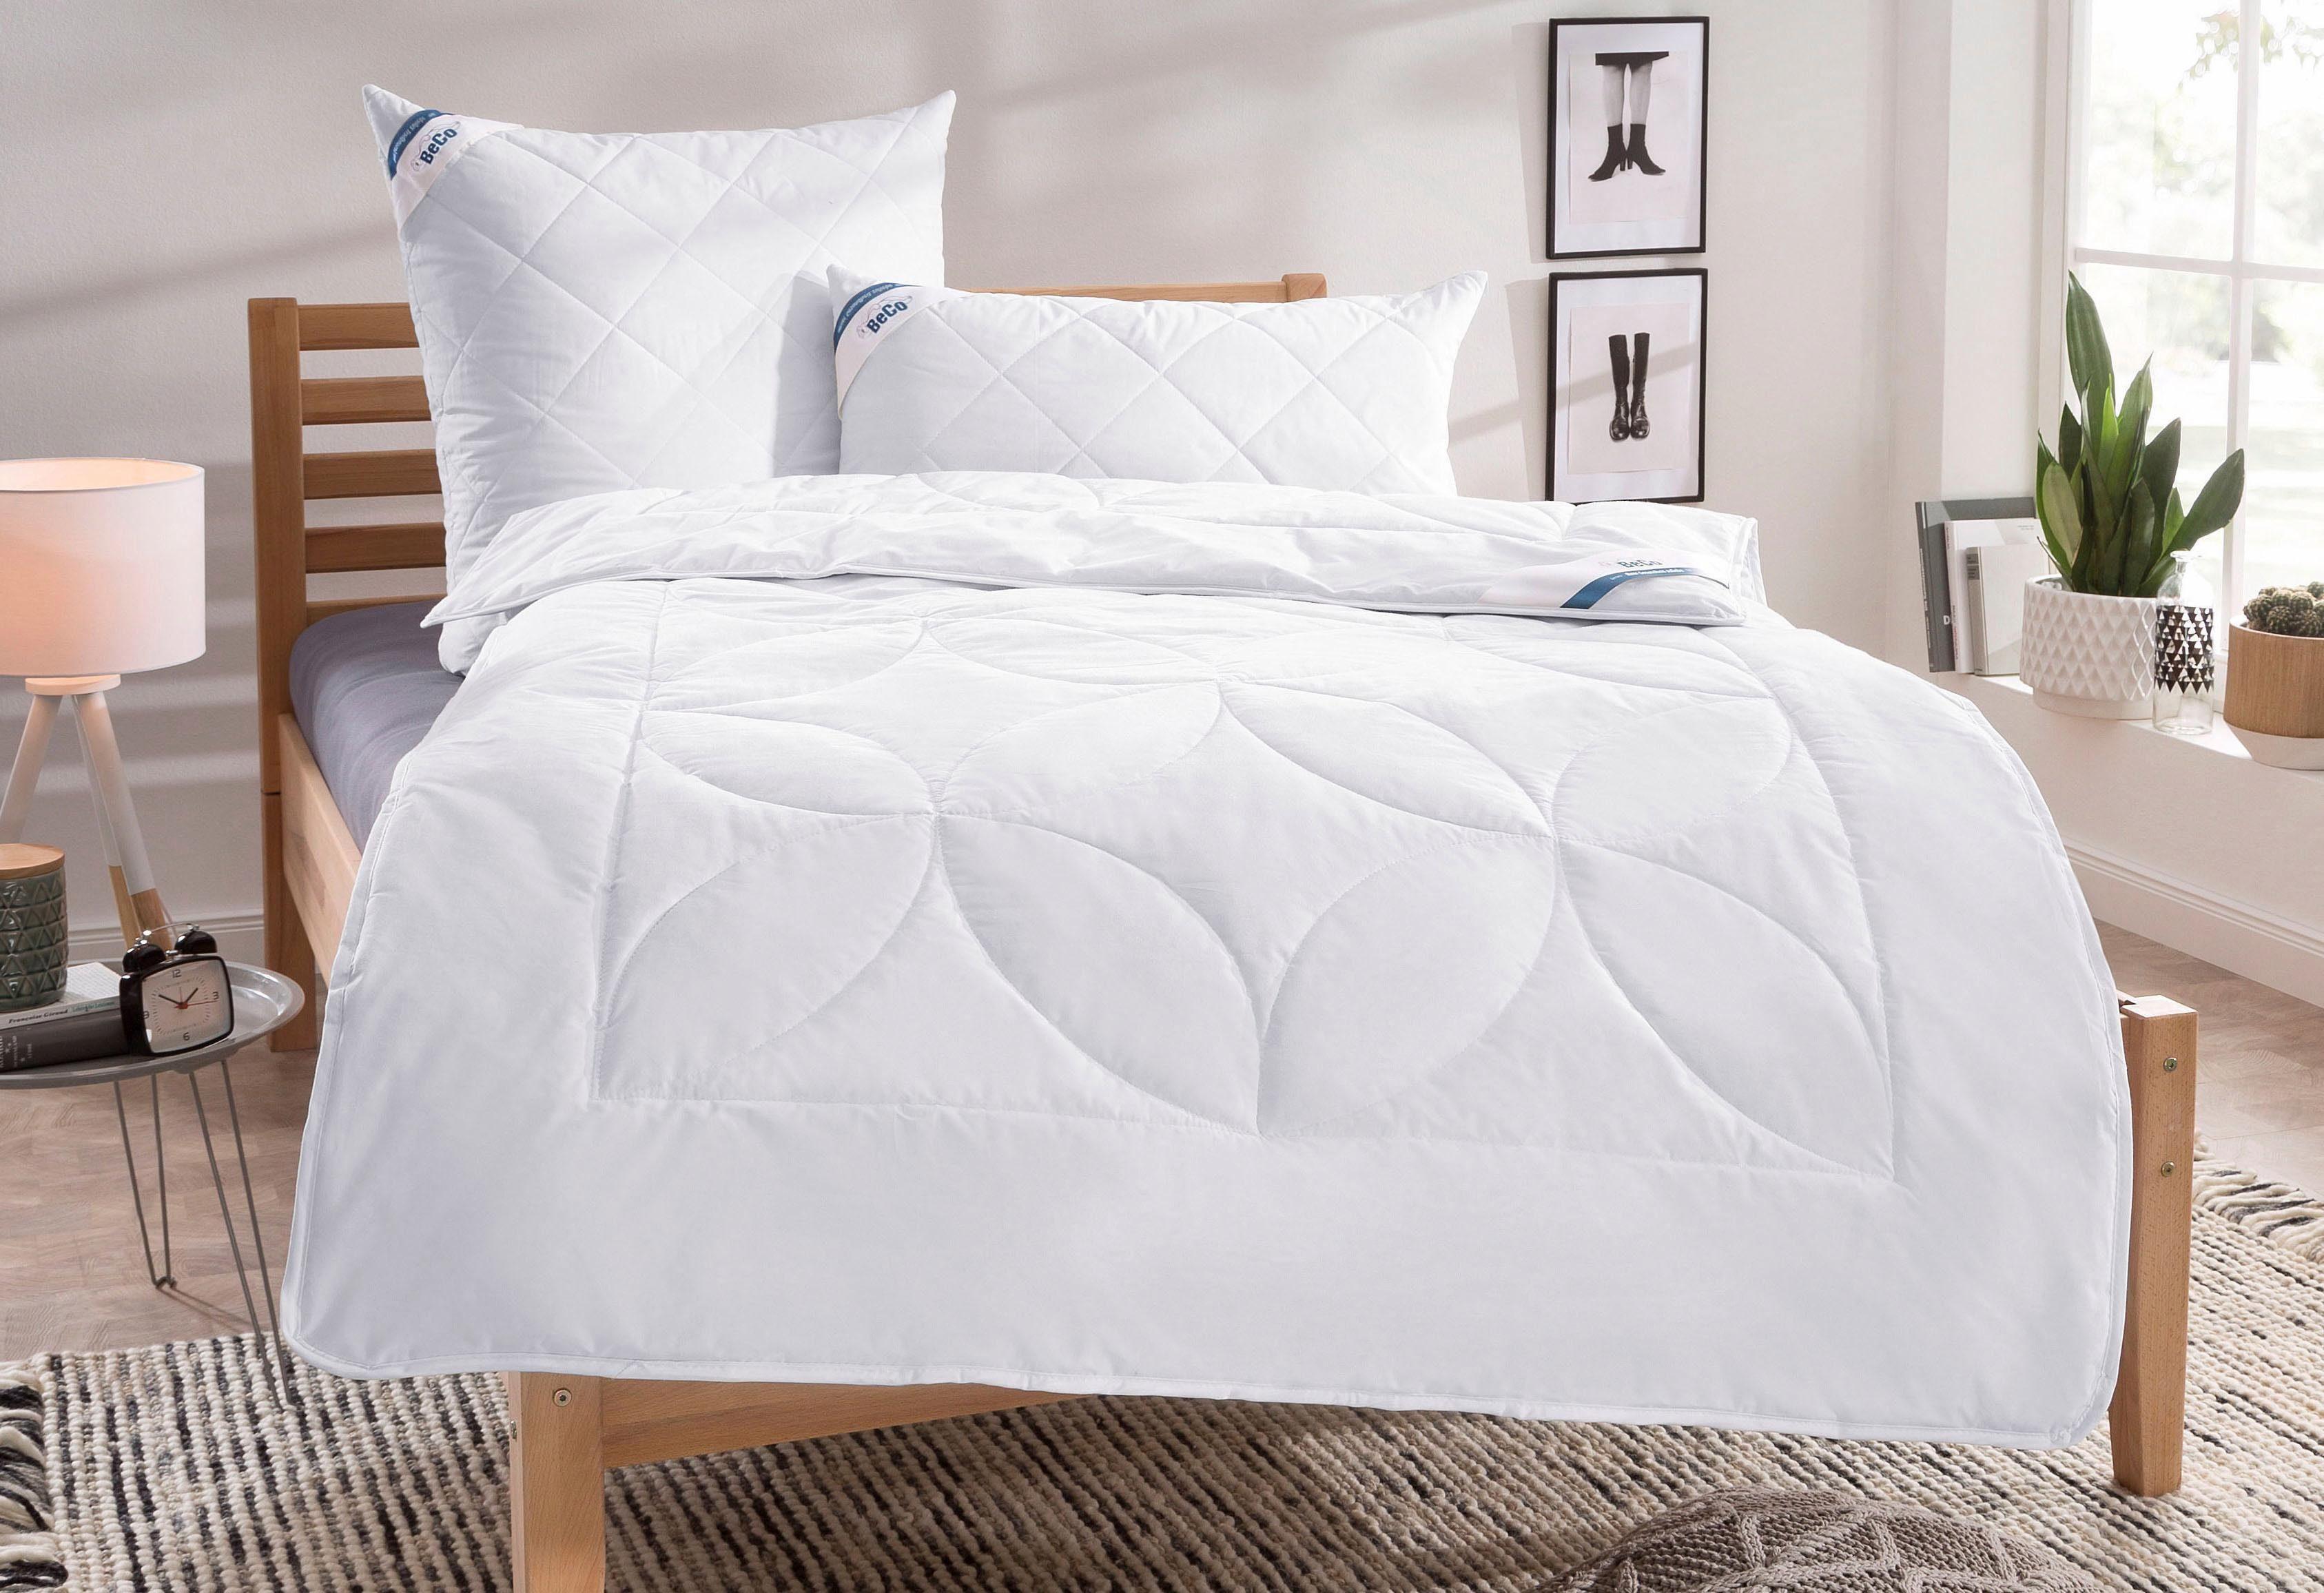 Bettdeckenset, »Schurwolle 100«, Beco, Warm, Bezug: 100% Baumwolle, Füllung 100% Schurwolle, natürliches Bettklima